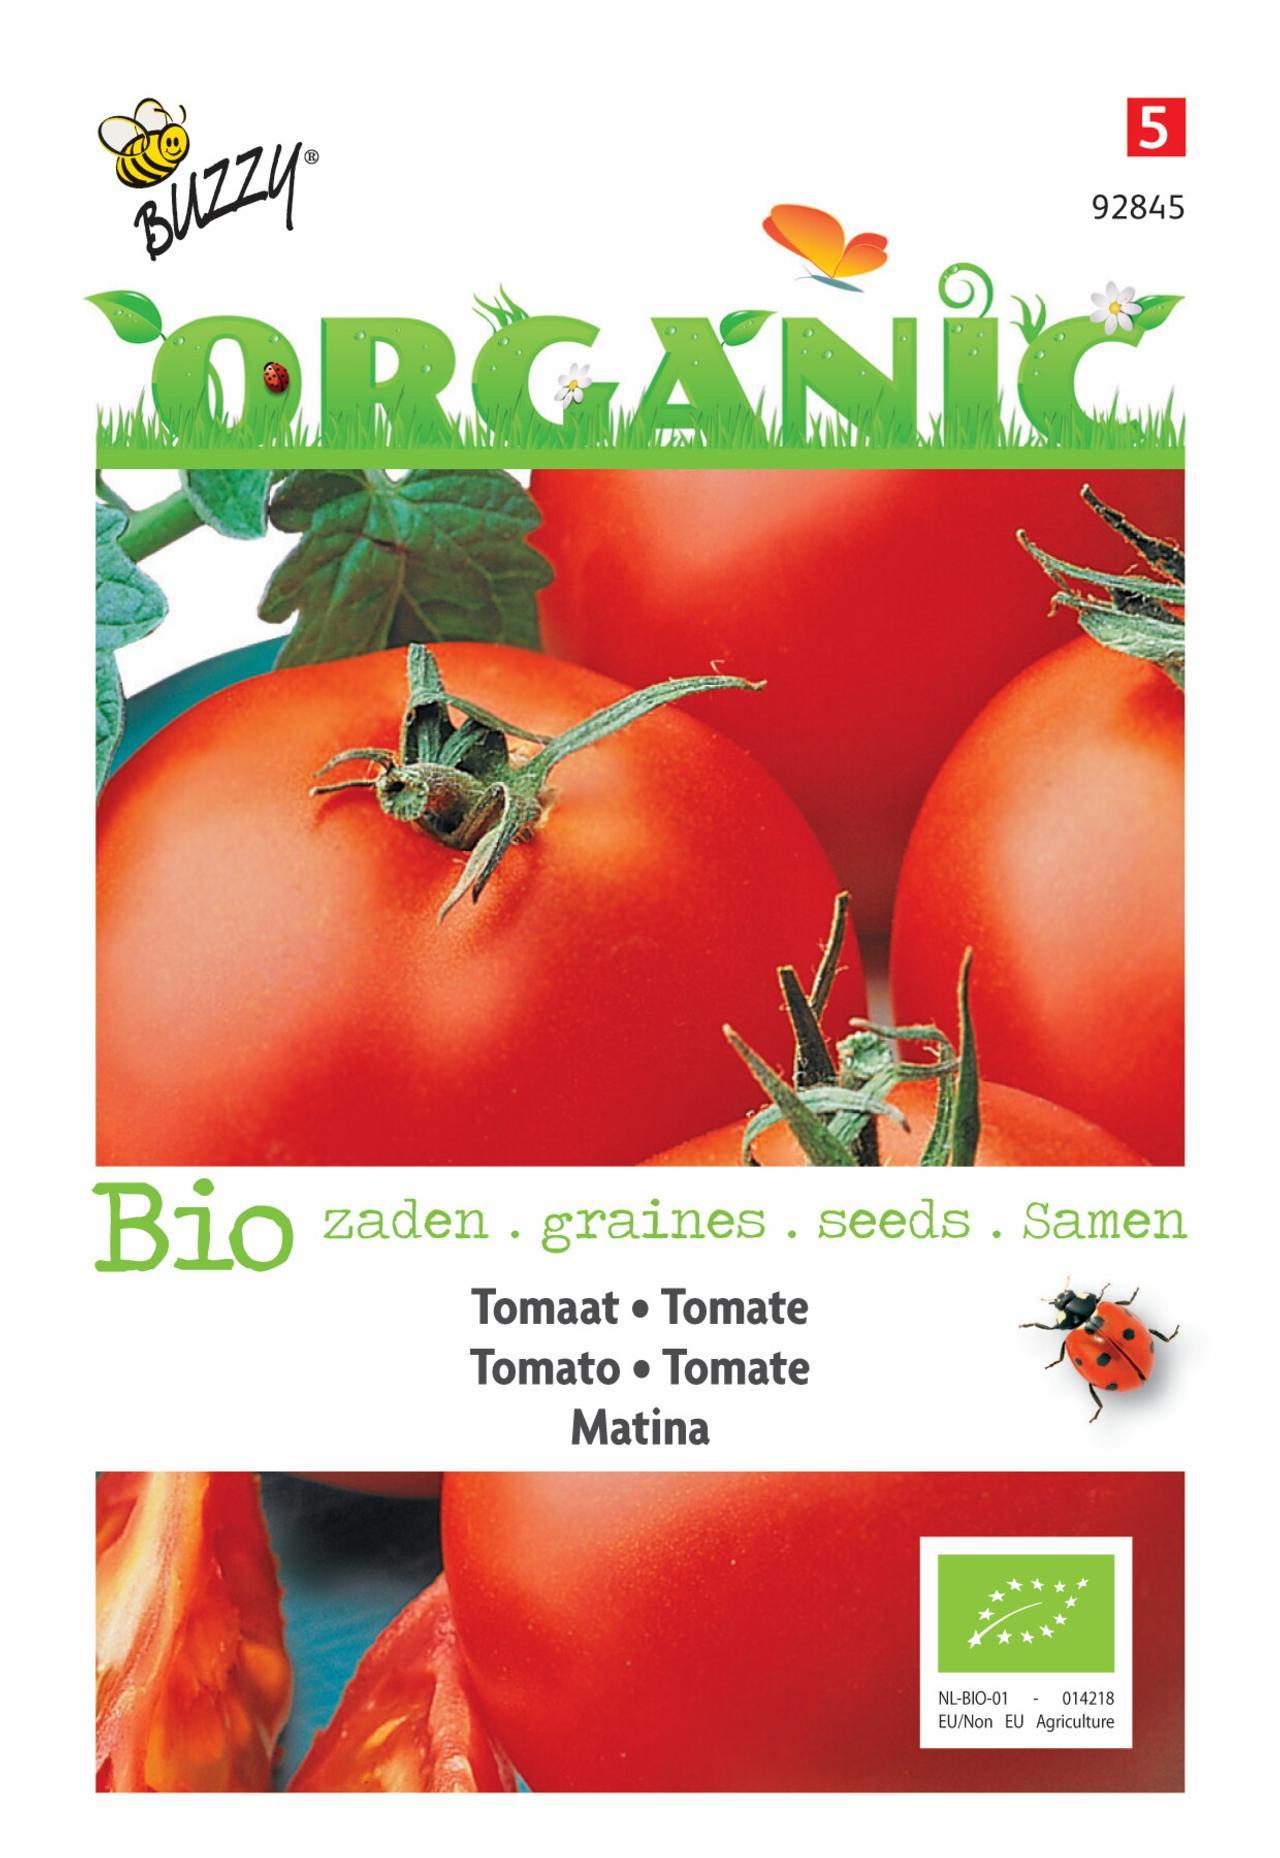 Solanum lycopersicum 'Matina' (BIO) plant